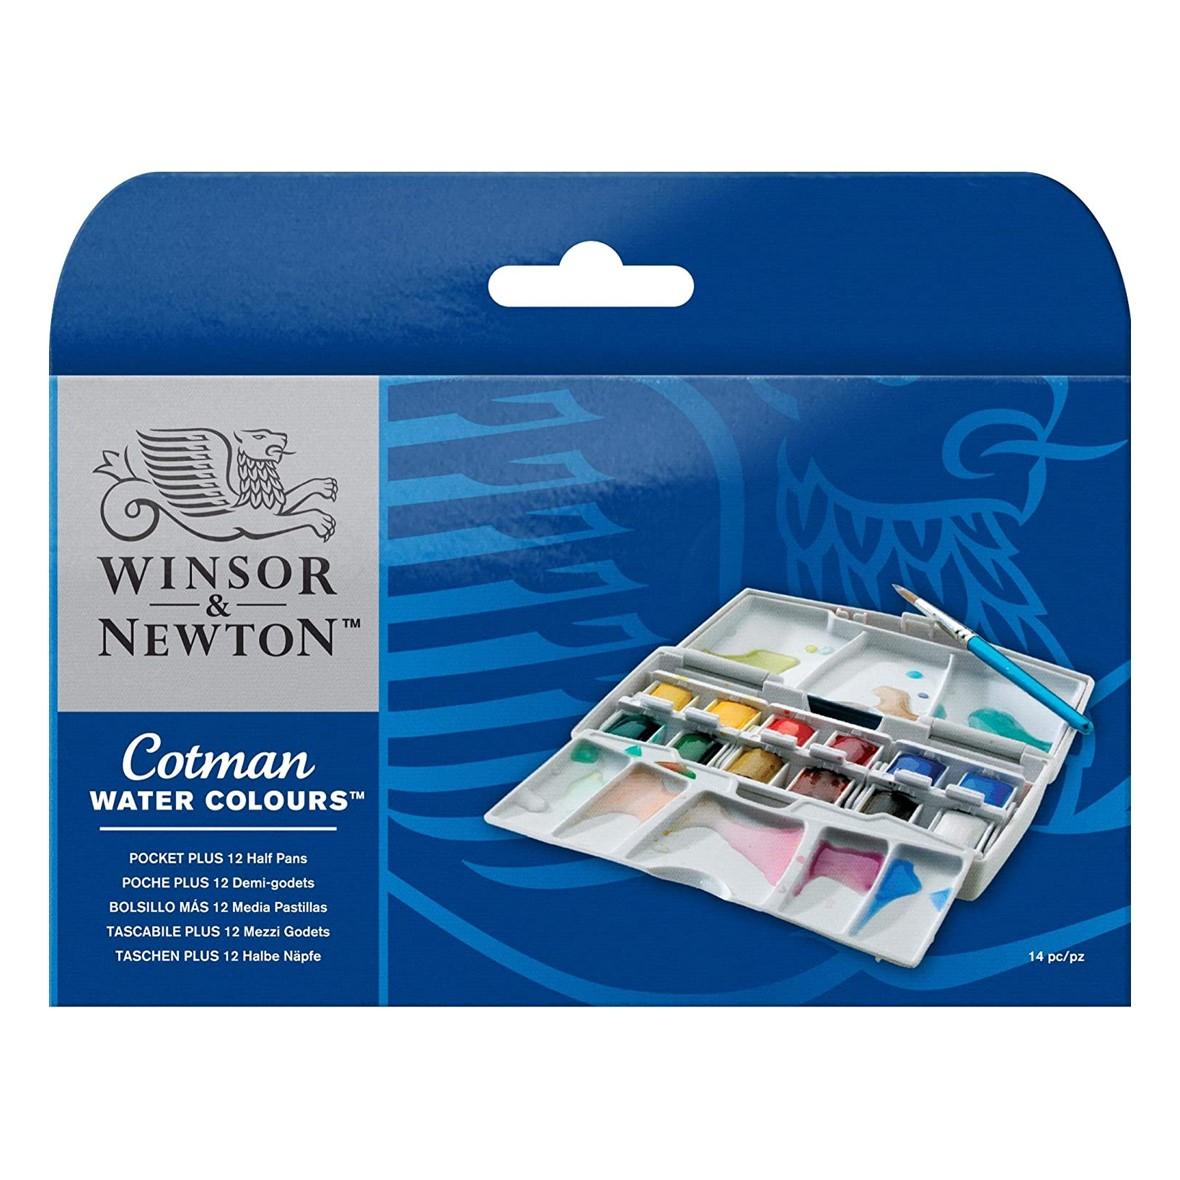 Cotman Watercolour Half Pan Pocket Plus